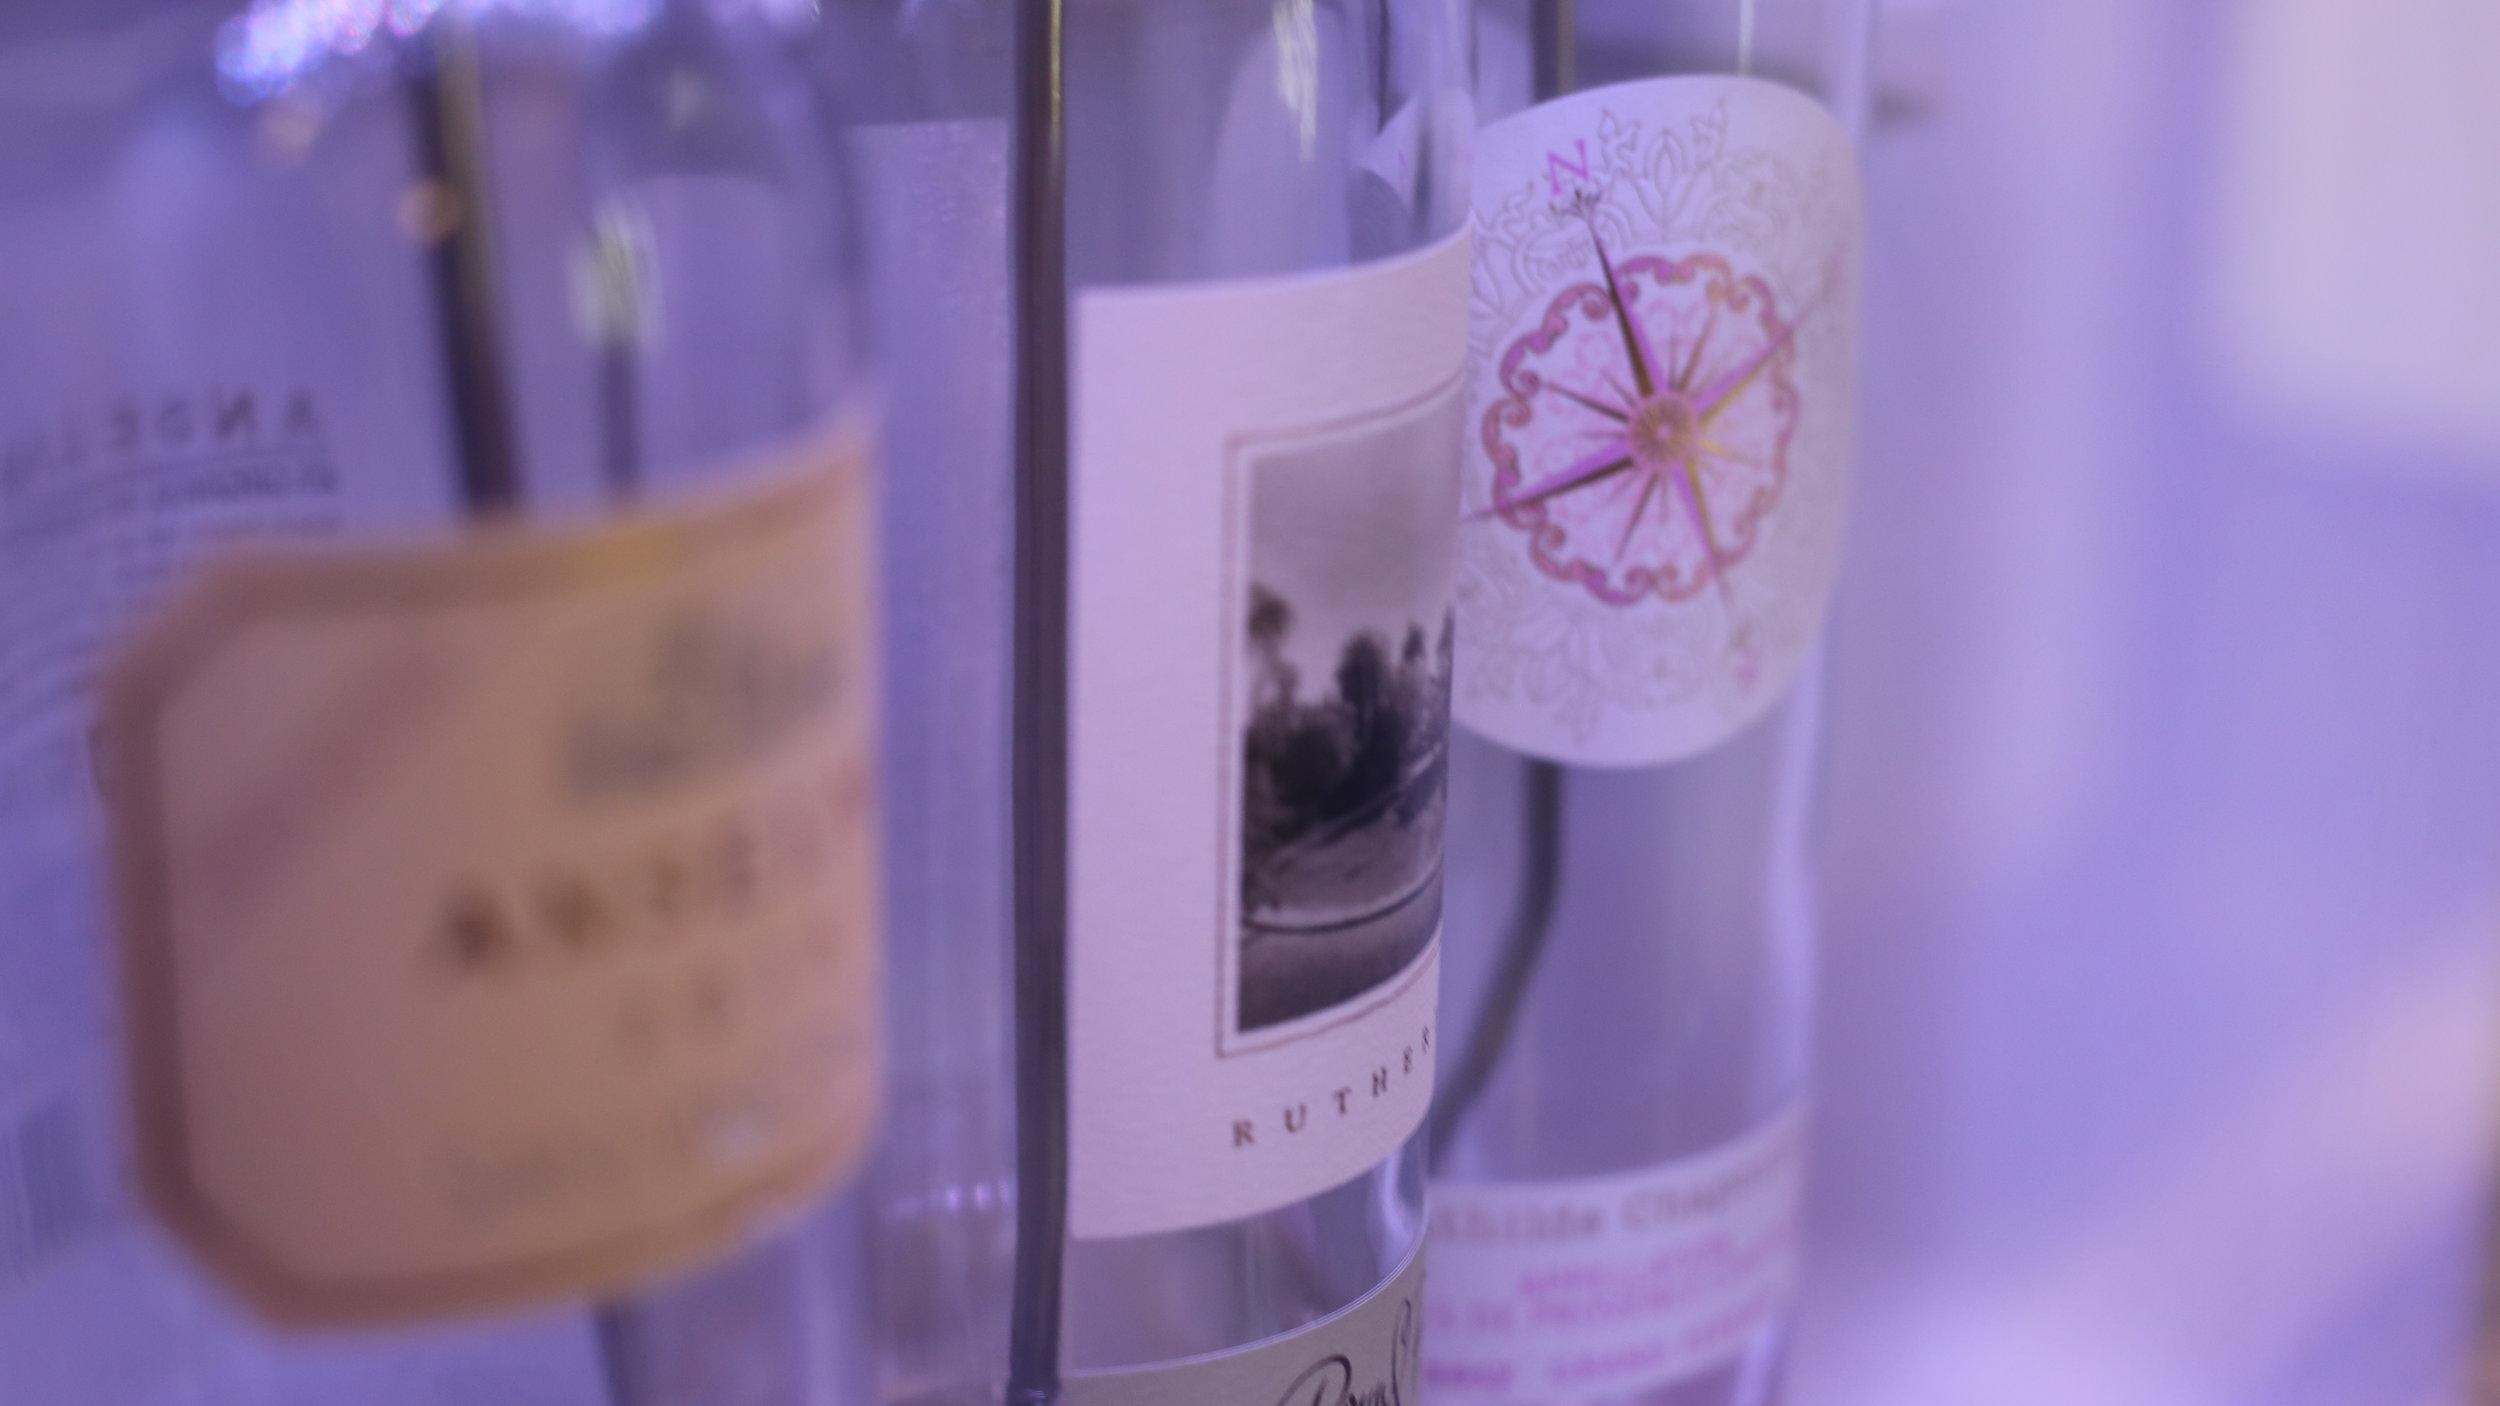 effingham-village-wine-and-spirits-3.jpg